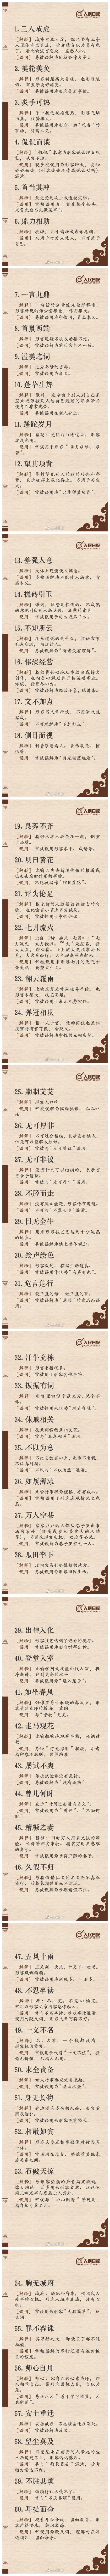 60个易错成语,2020云南省考行测提分用得上!